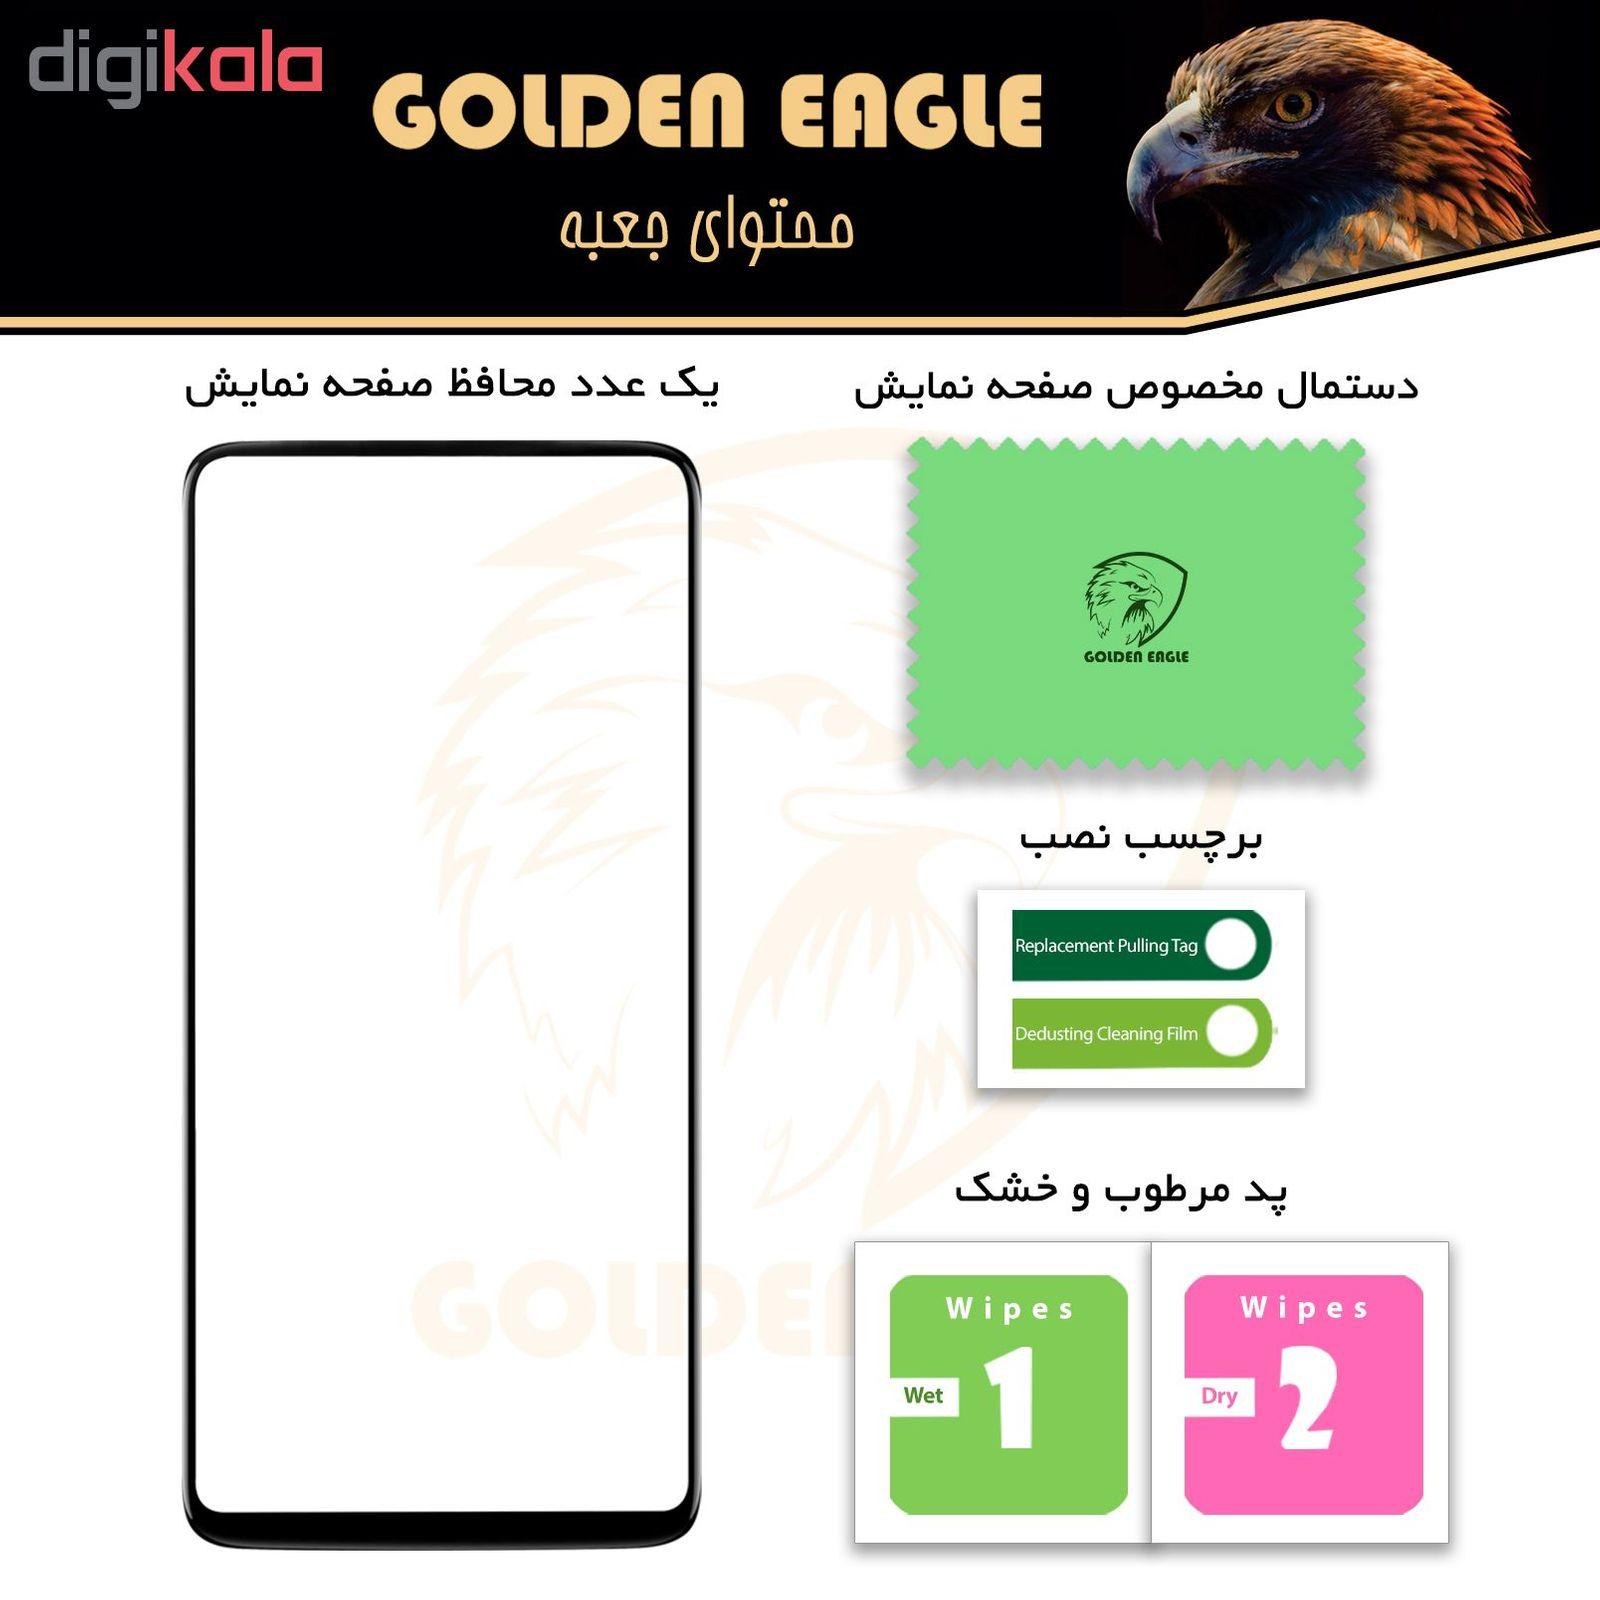 محافظ صفحه نمایش گلدن ایگل مدل GLC-X1 مناسب برای گوشی موبایل اپل iPhone SE main 1 2